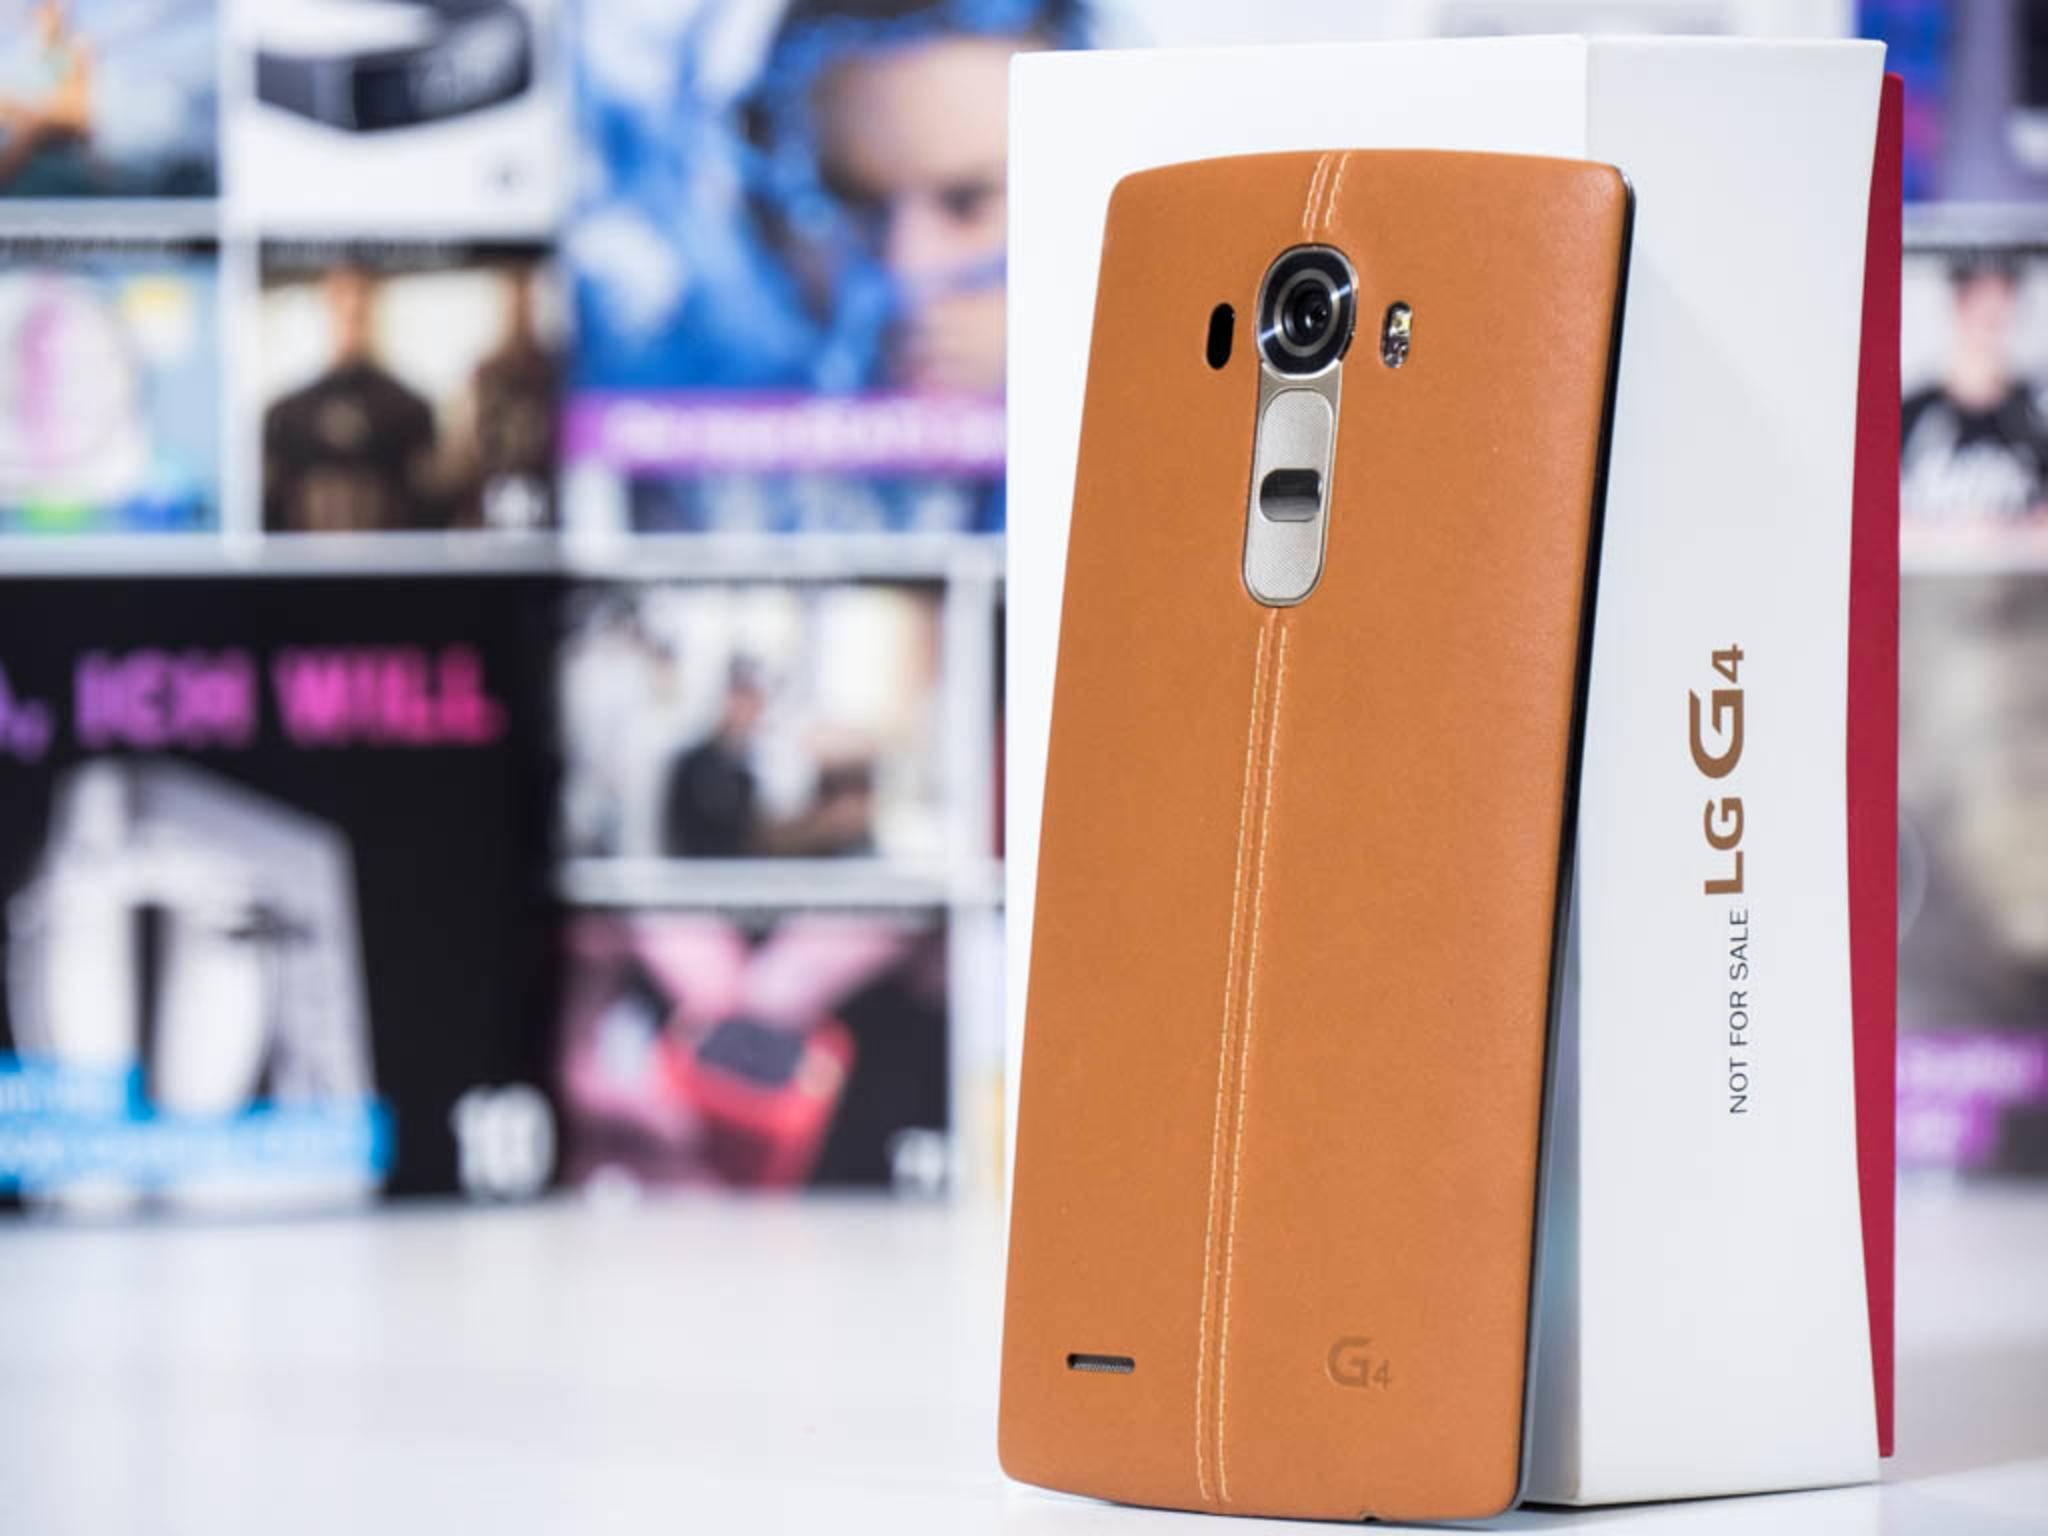 Das LG G4 könnte auch noch einen Note-Ableger bekommen.